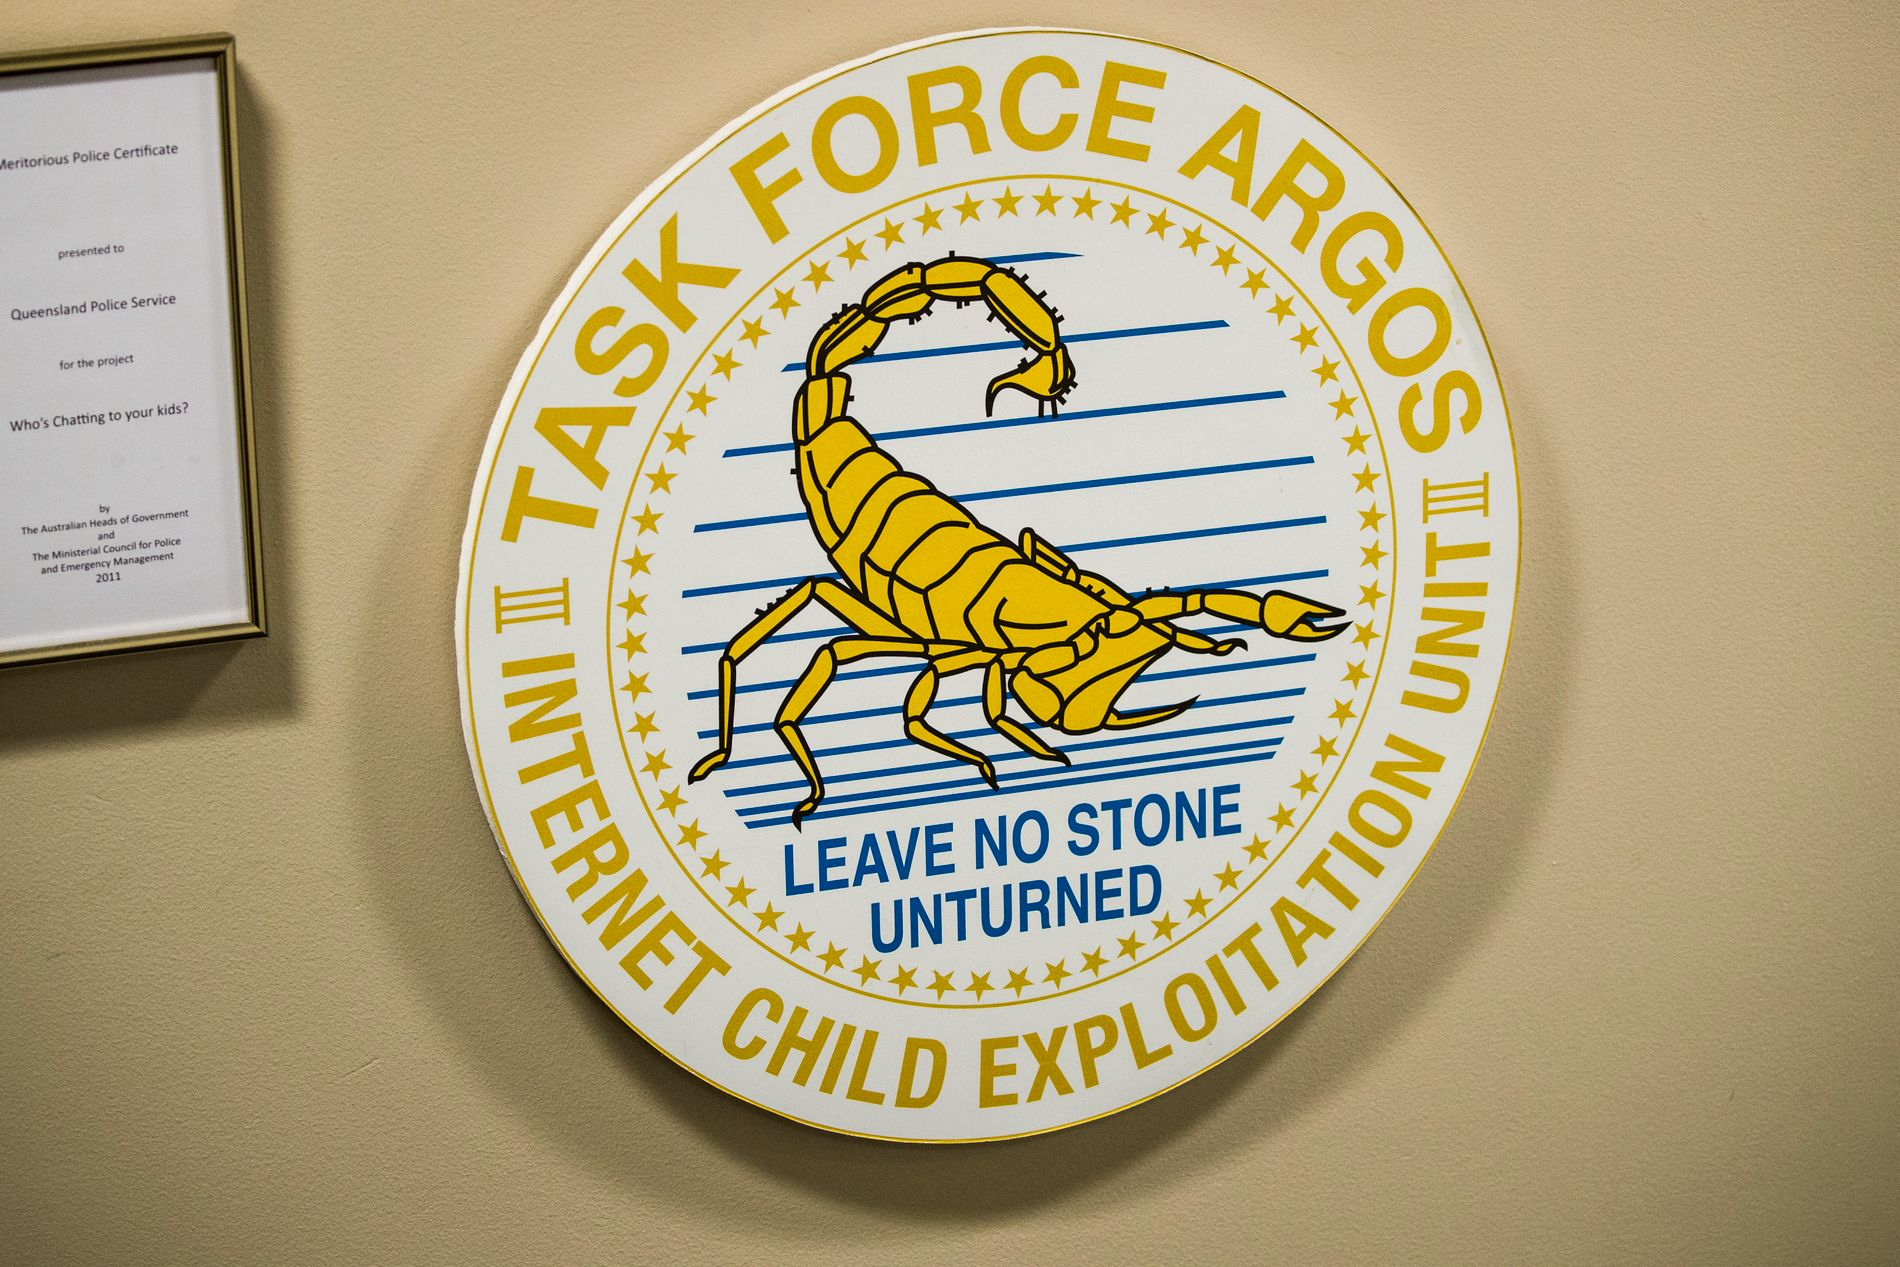 TASK FORCE ARGOS: Emblemet til spesialenheten Task Force Argos hos politiet i Brisbane i Australia, som de siste årene er blitt ledende i å etterforske internettrelaterte overgrep mot barn.